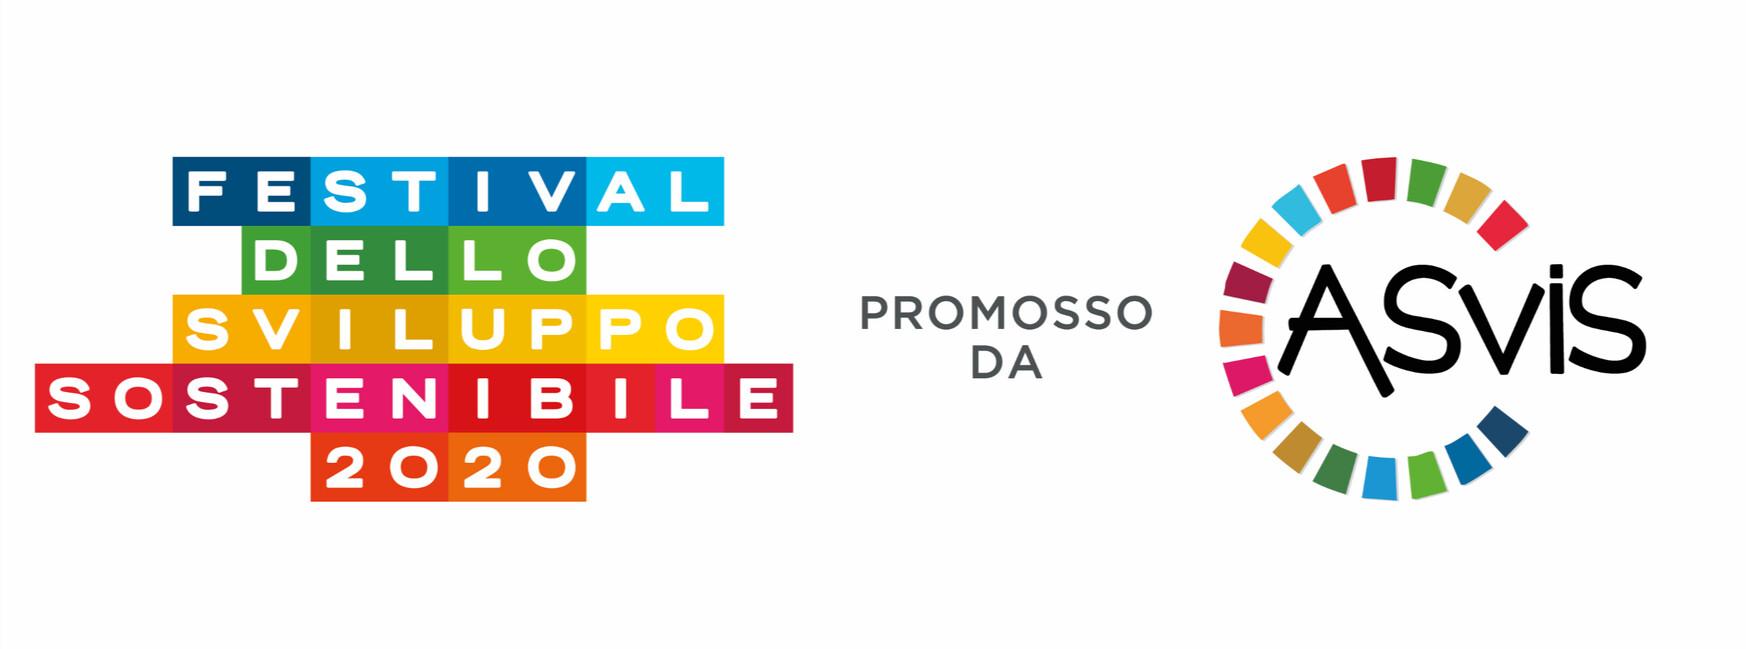 FESTIVAL DELLO SVILUPPO SOSTENIBILE PARMA 2020